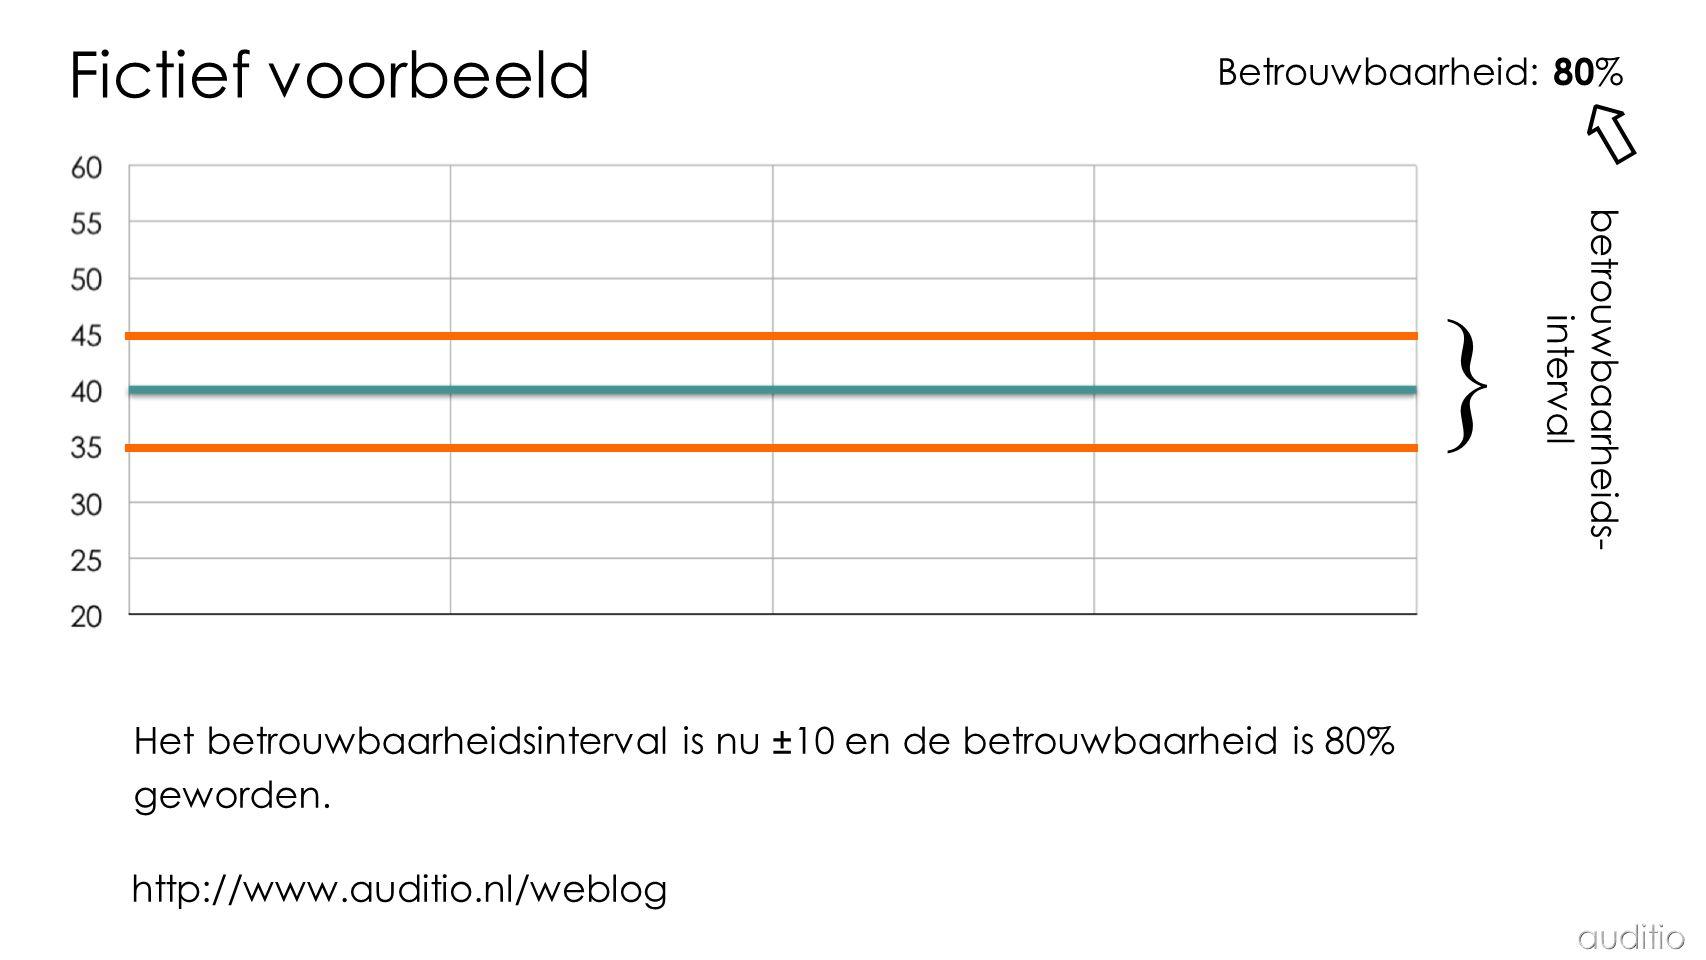 Betrouwbaarheid: 80 % Fictief voorbeeld } betrouwbaarheids- interval Het betrouwbaarheidsinterval is nu ±10 en de betrouwbaarheid is 80% geworden. ⇧ h